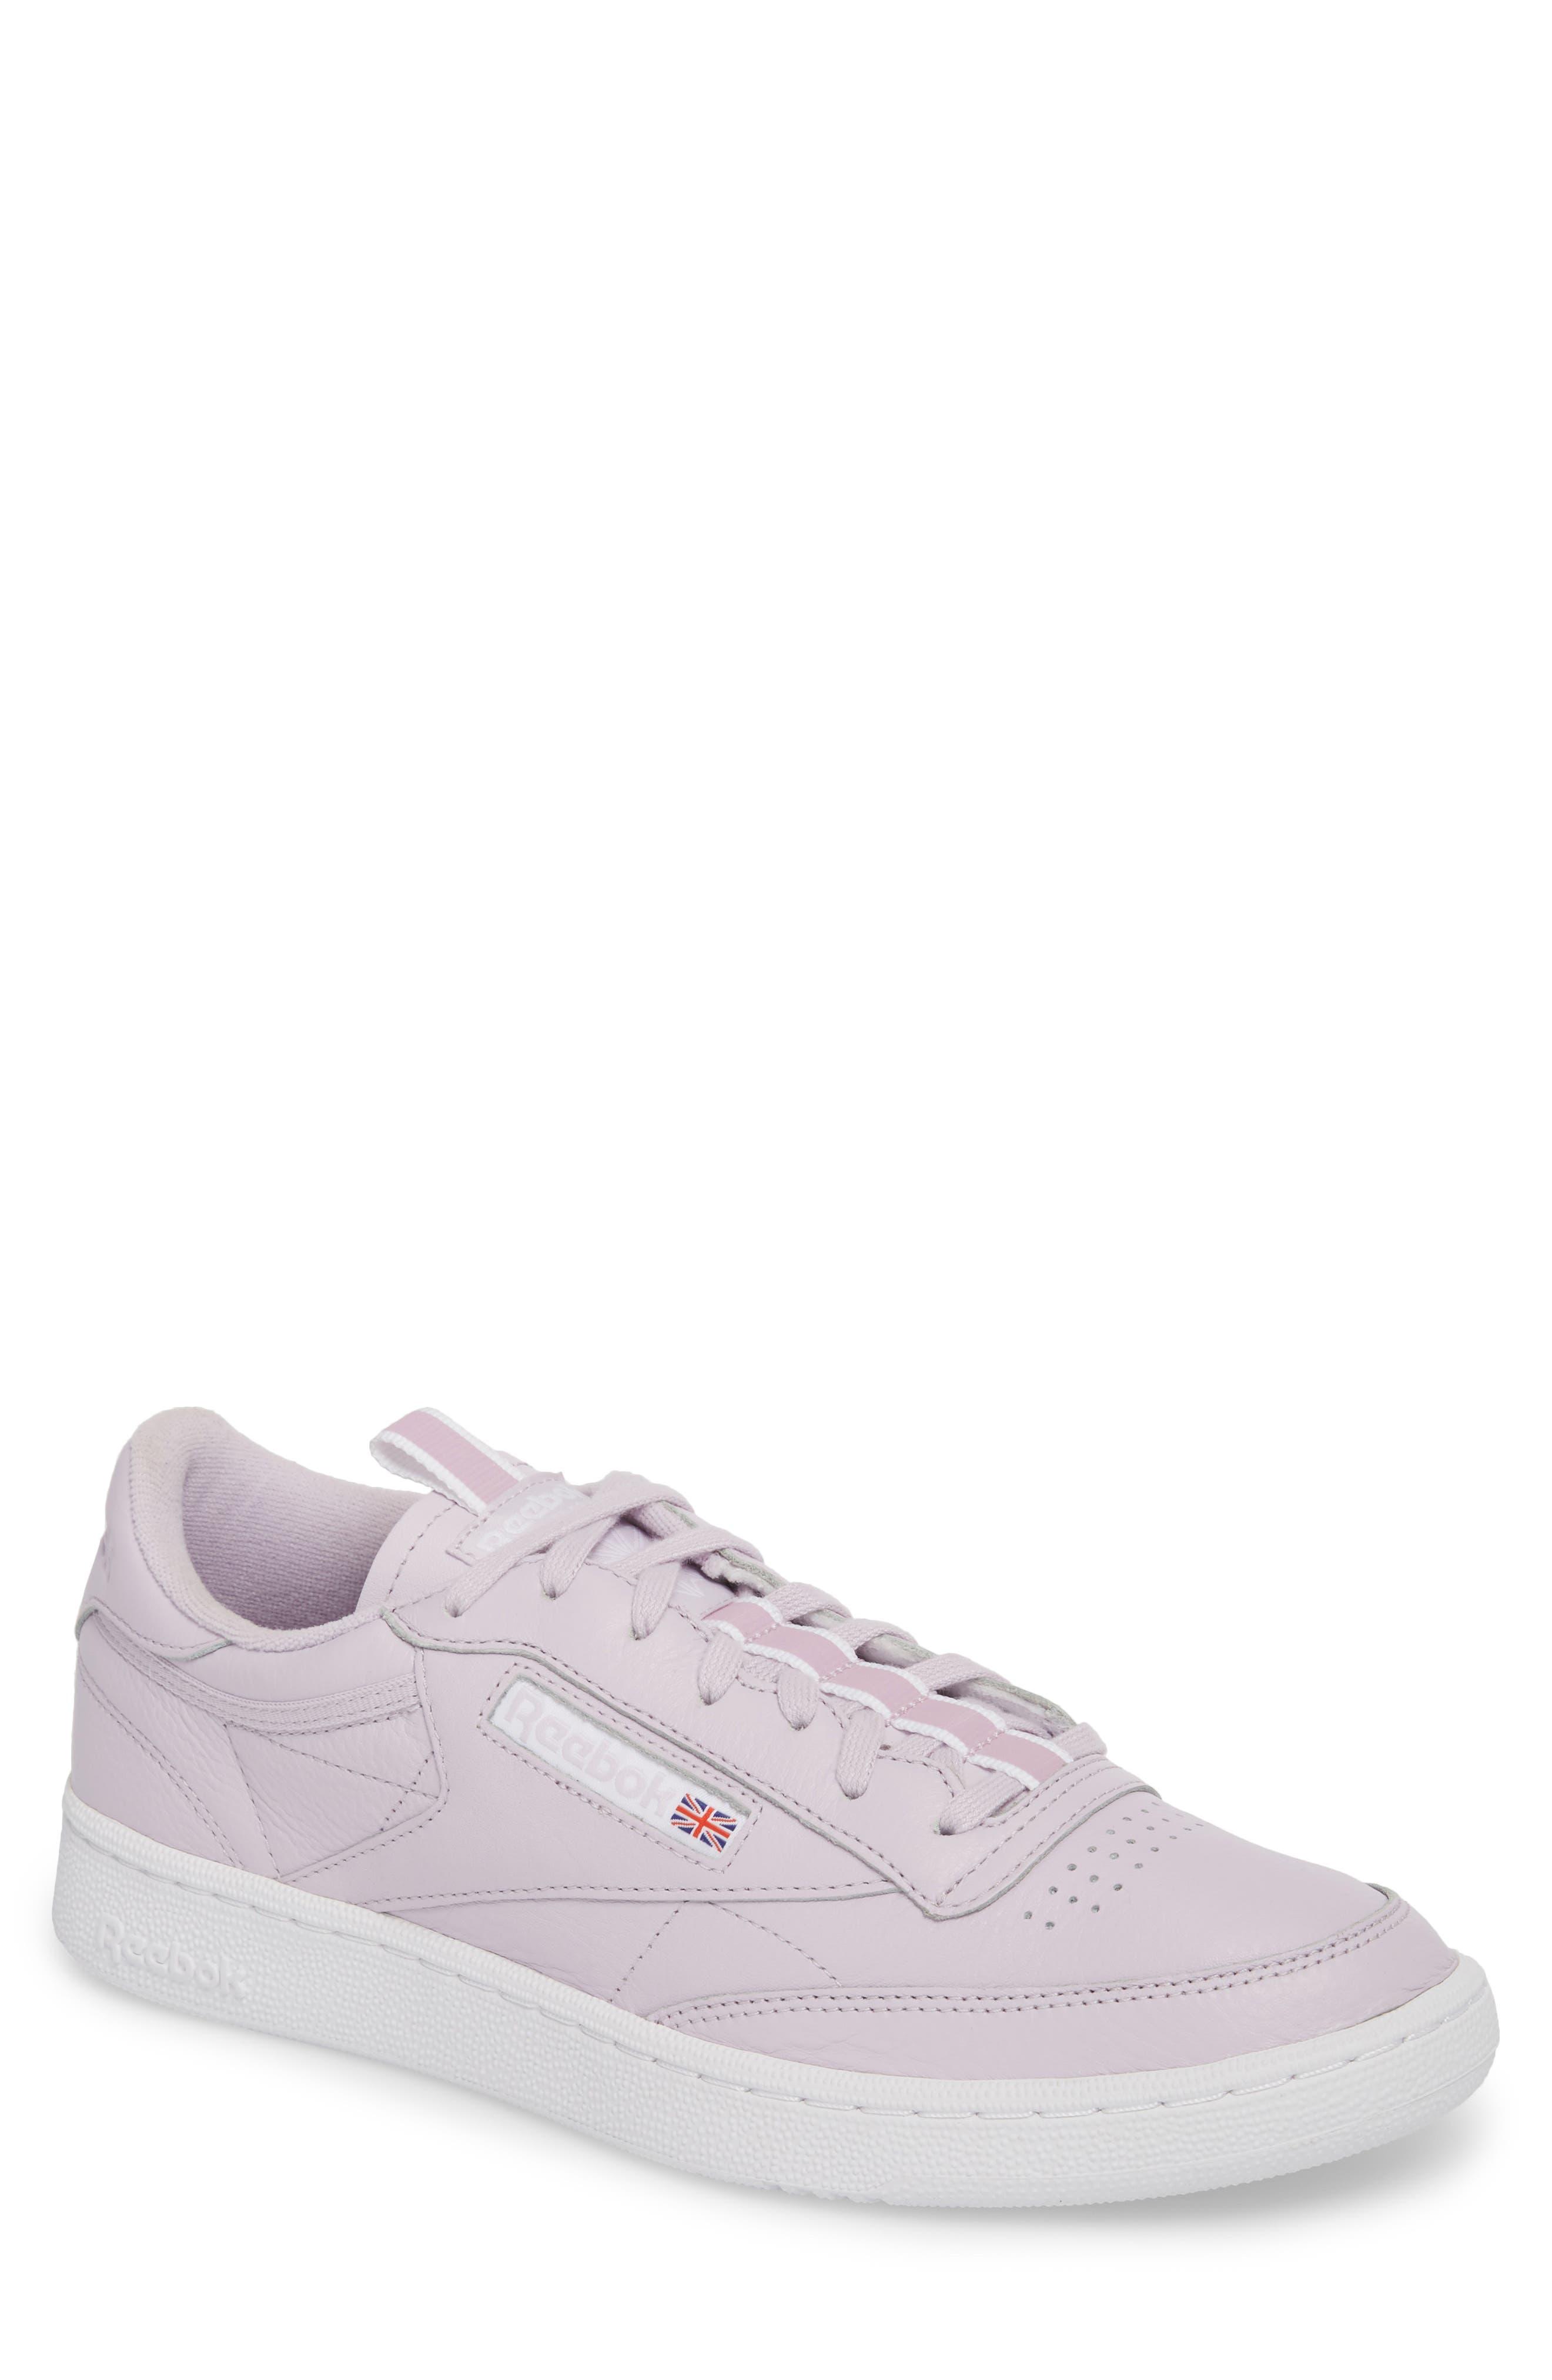 Club C 85 RT Sneaker,                             Main thumbnail 1, color,                             Quartz/ White/ Purple Fog